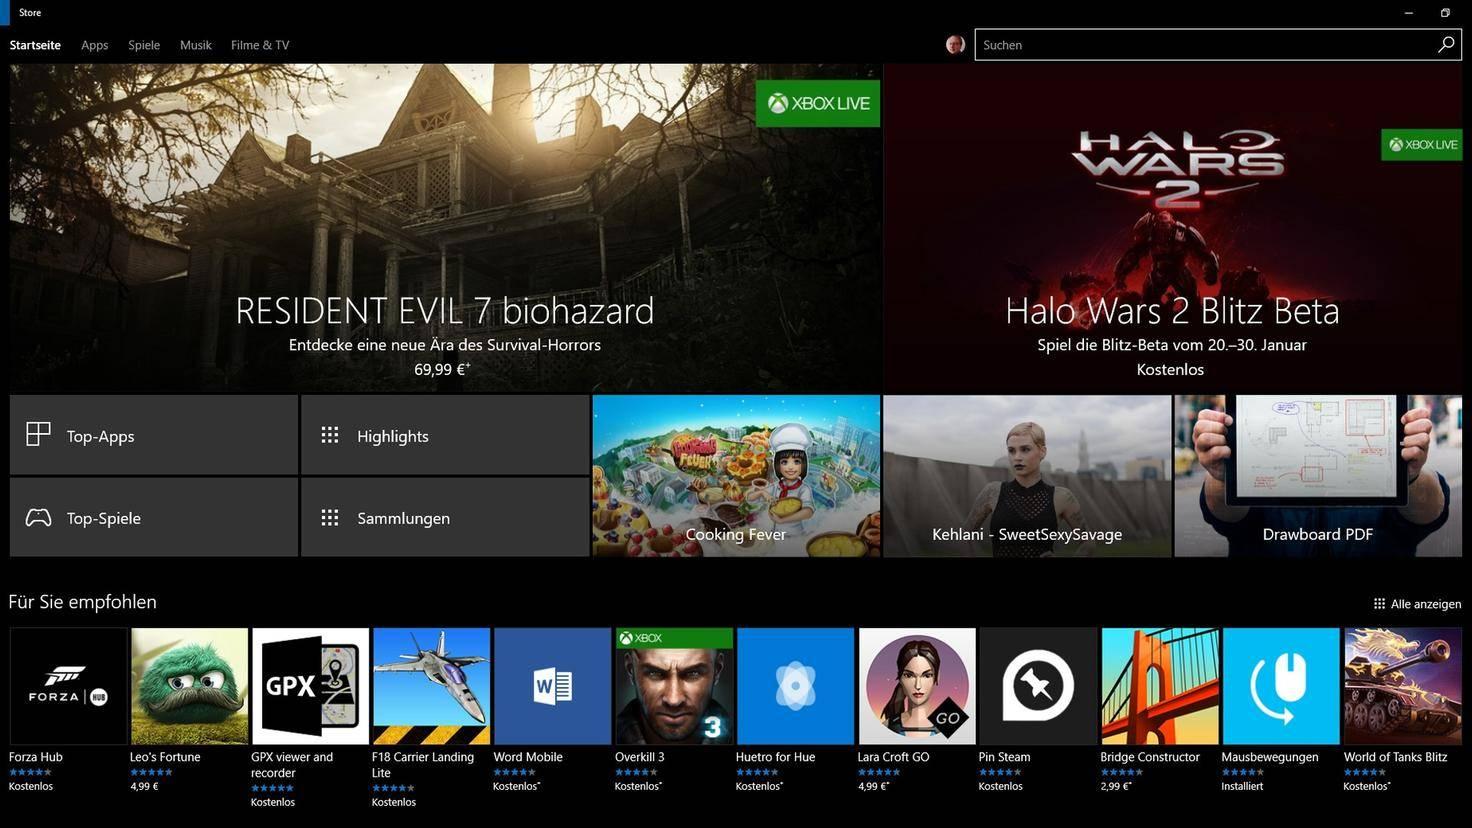 Windows 10 Store Startseite